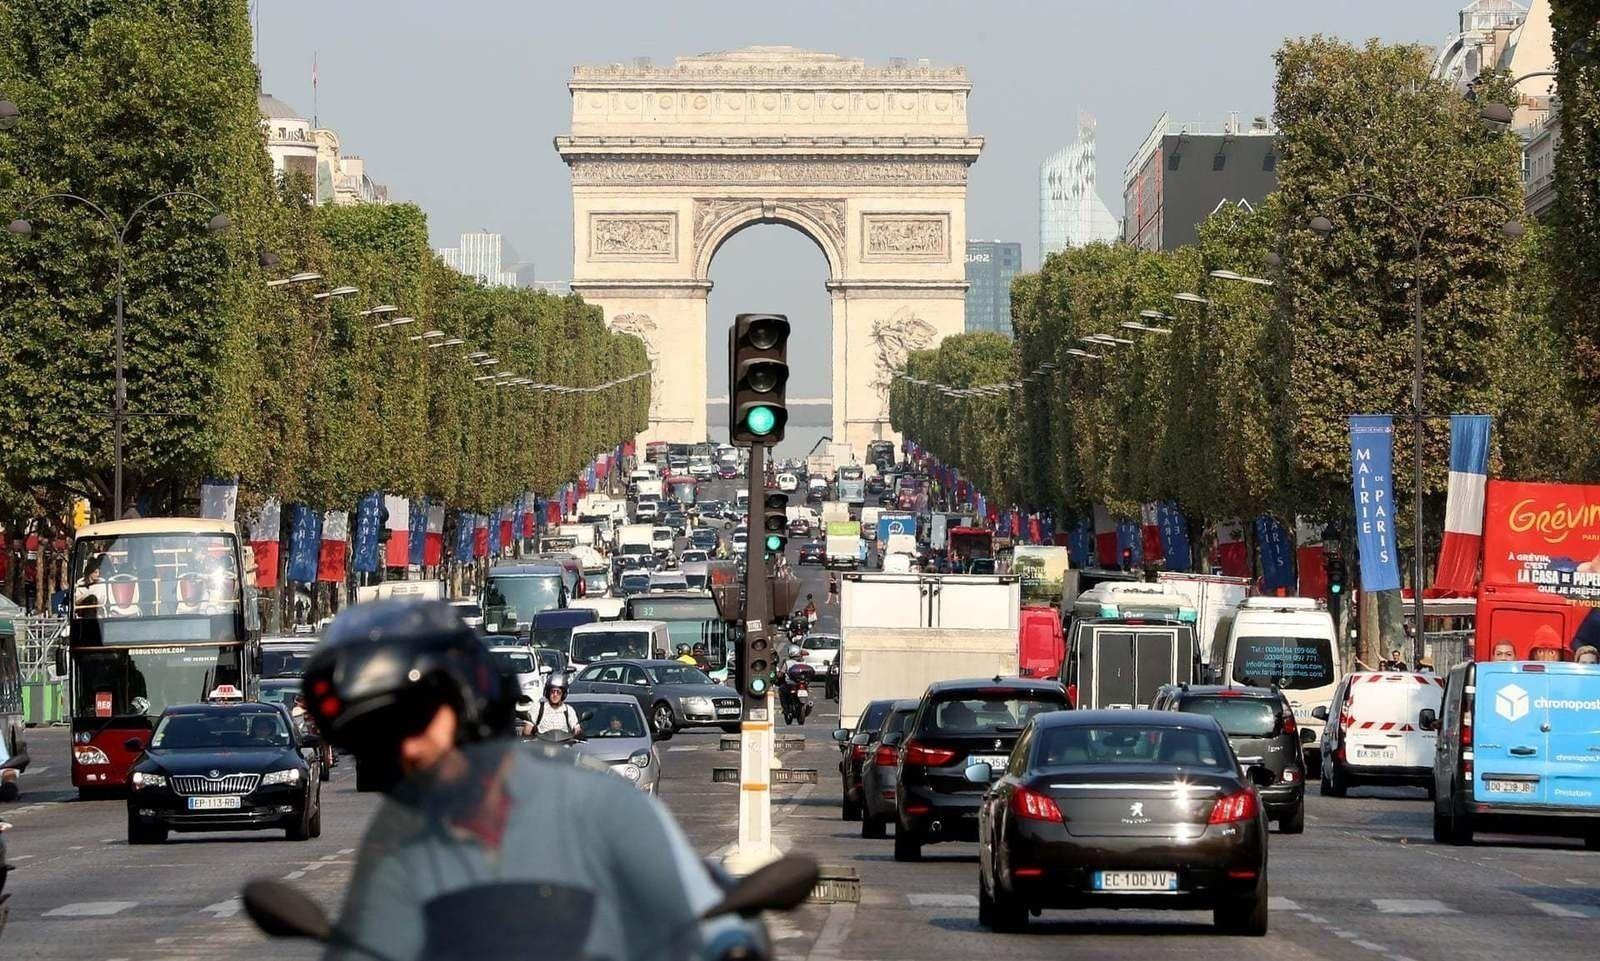 Гаж донтой Францын төрийн албан хаагчийн хэргийг шүүх гэж байгааг мэдээлжээ